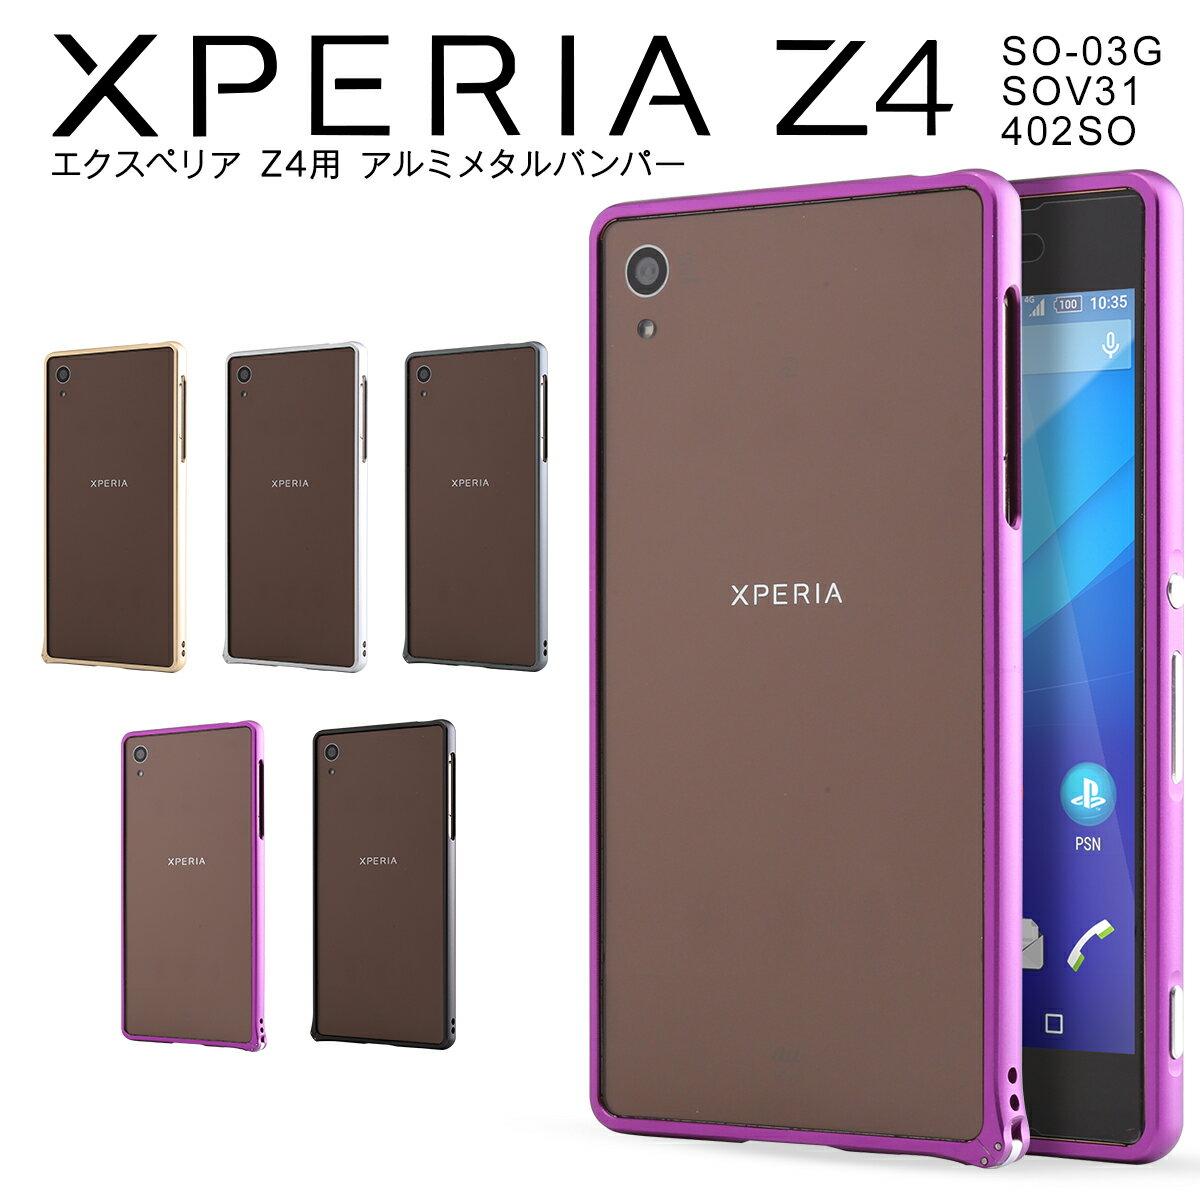 送料無料 Xperia Z4 エクスペリアZ4 SO-03G/SOV31/402SO アルミメタルバンパー XperiaZ4 | 側面保護 バンパー メタル アルミ 軽量 工具不要 簡単装着 スマホ スマフォ スマホケース スマフォケース Android アンドロイド